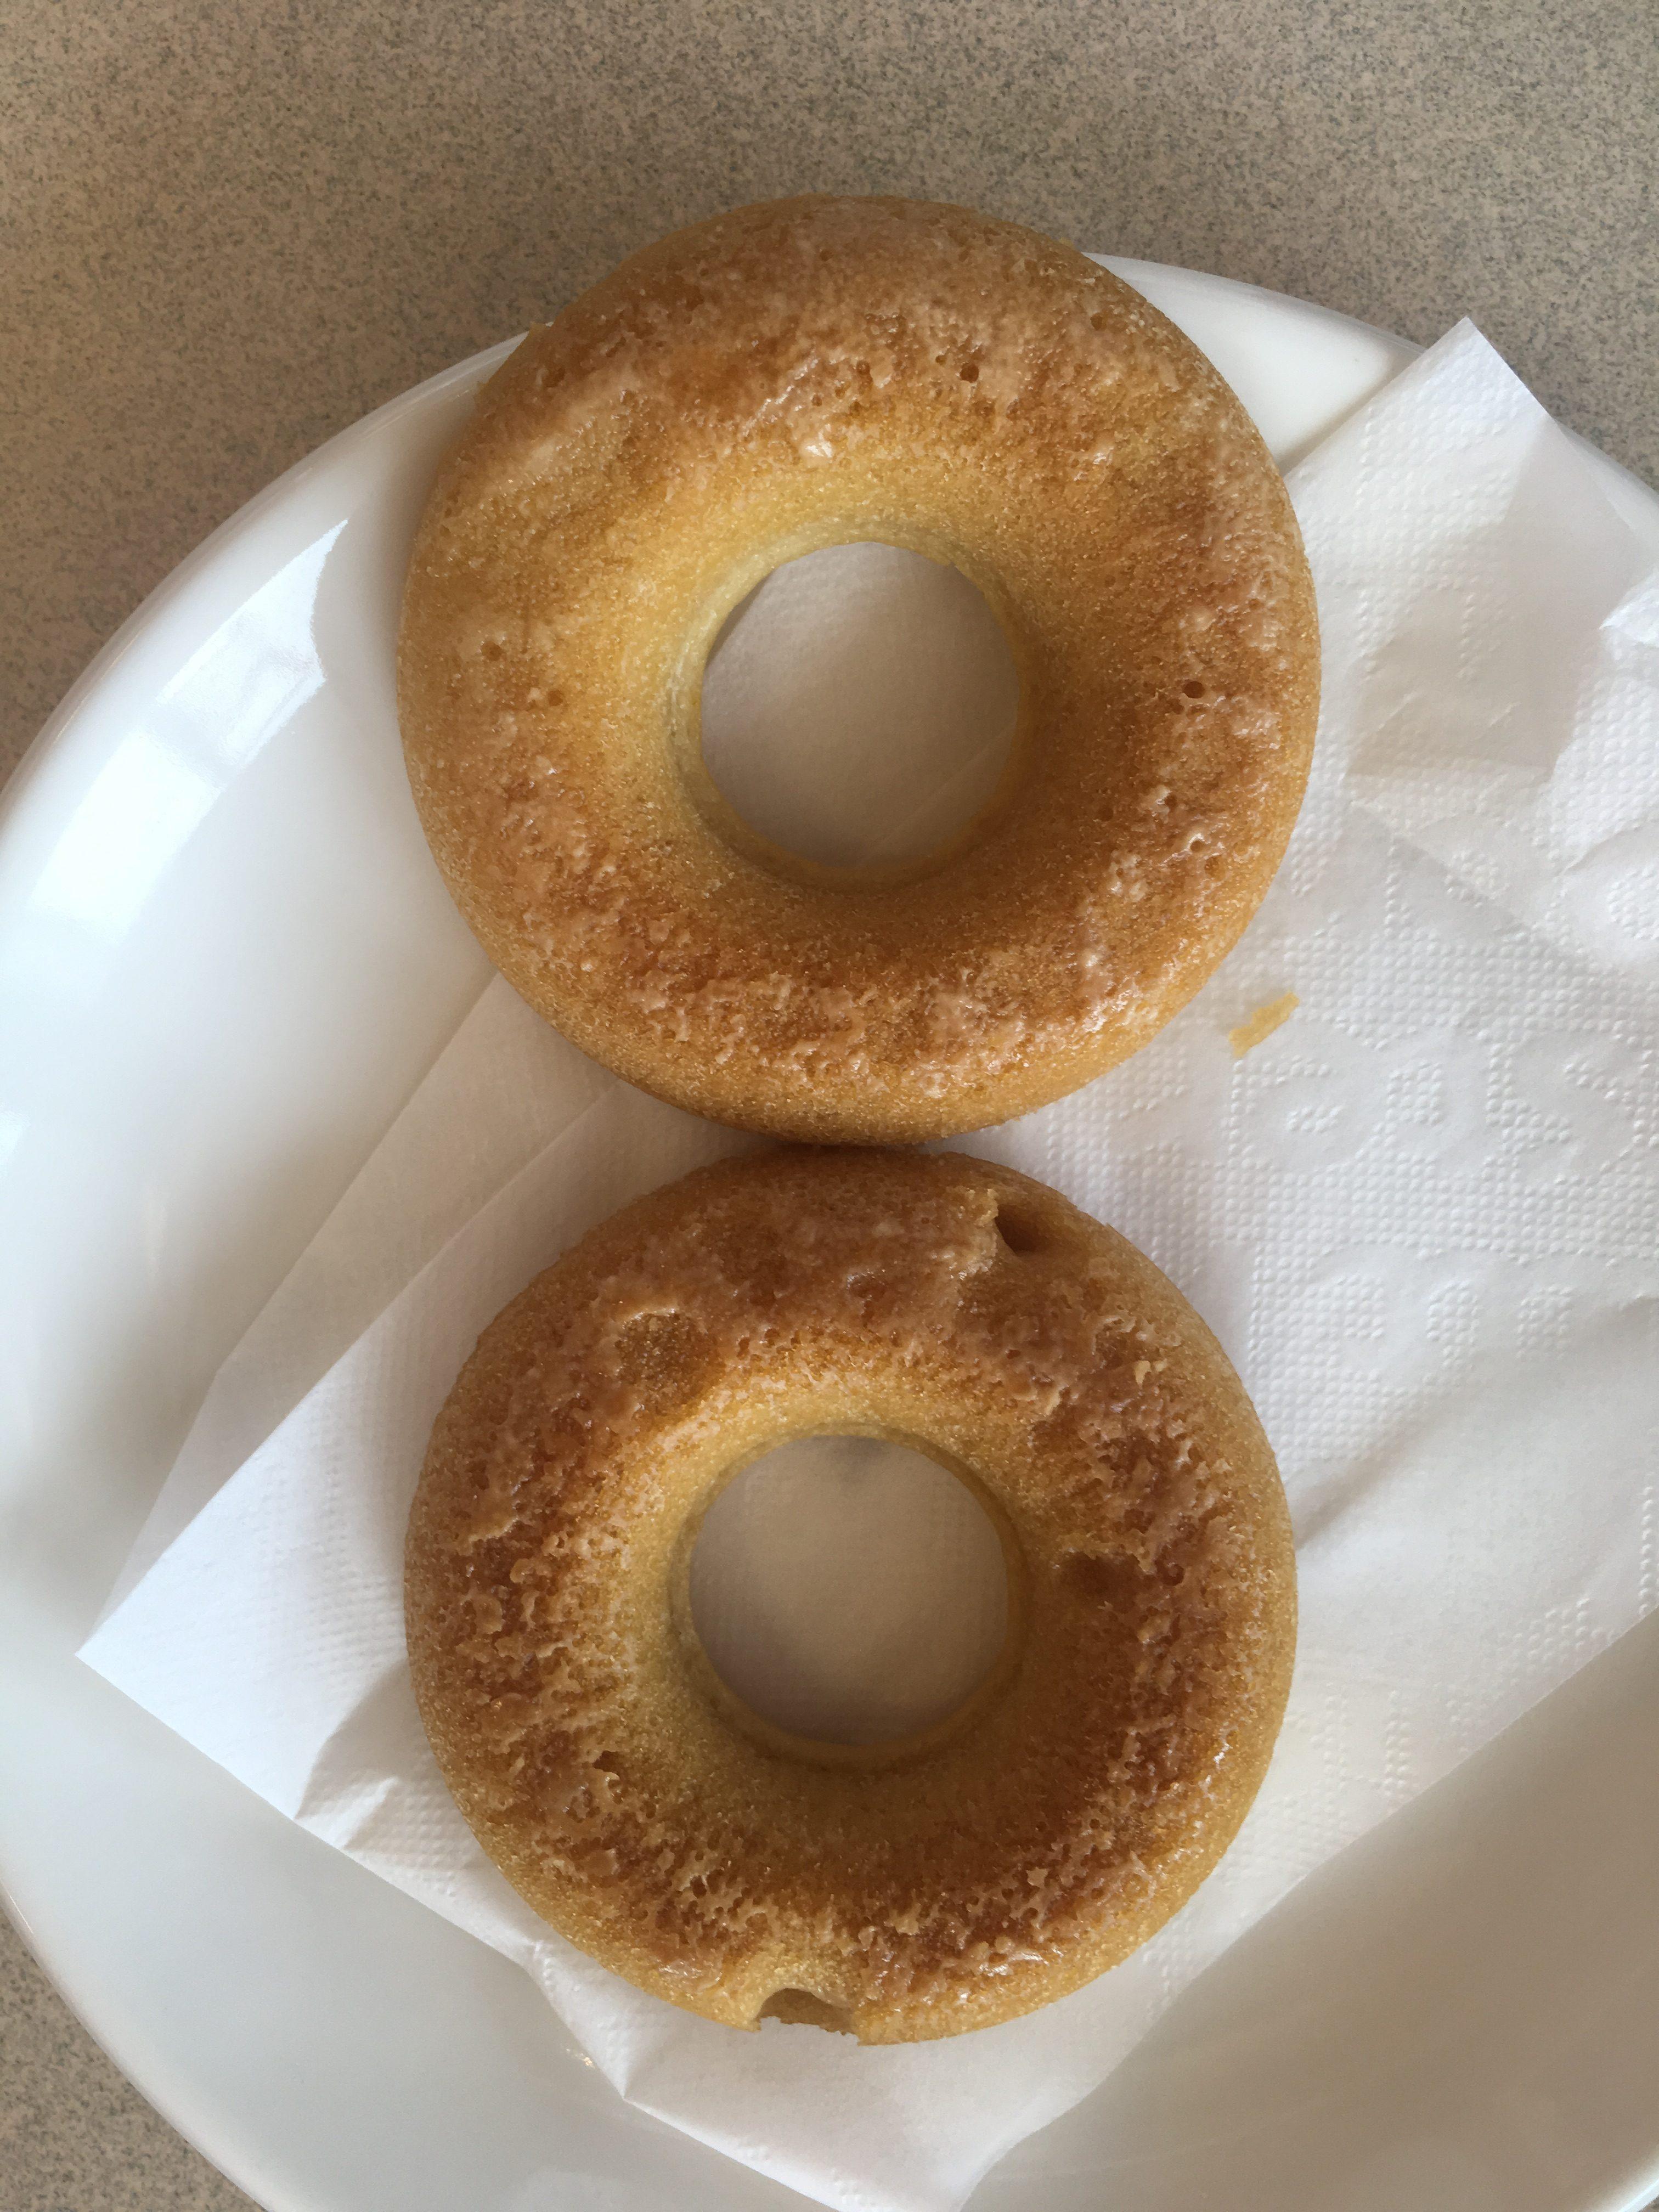 ドーナッツの写真